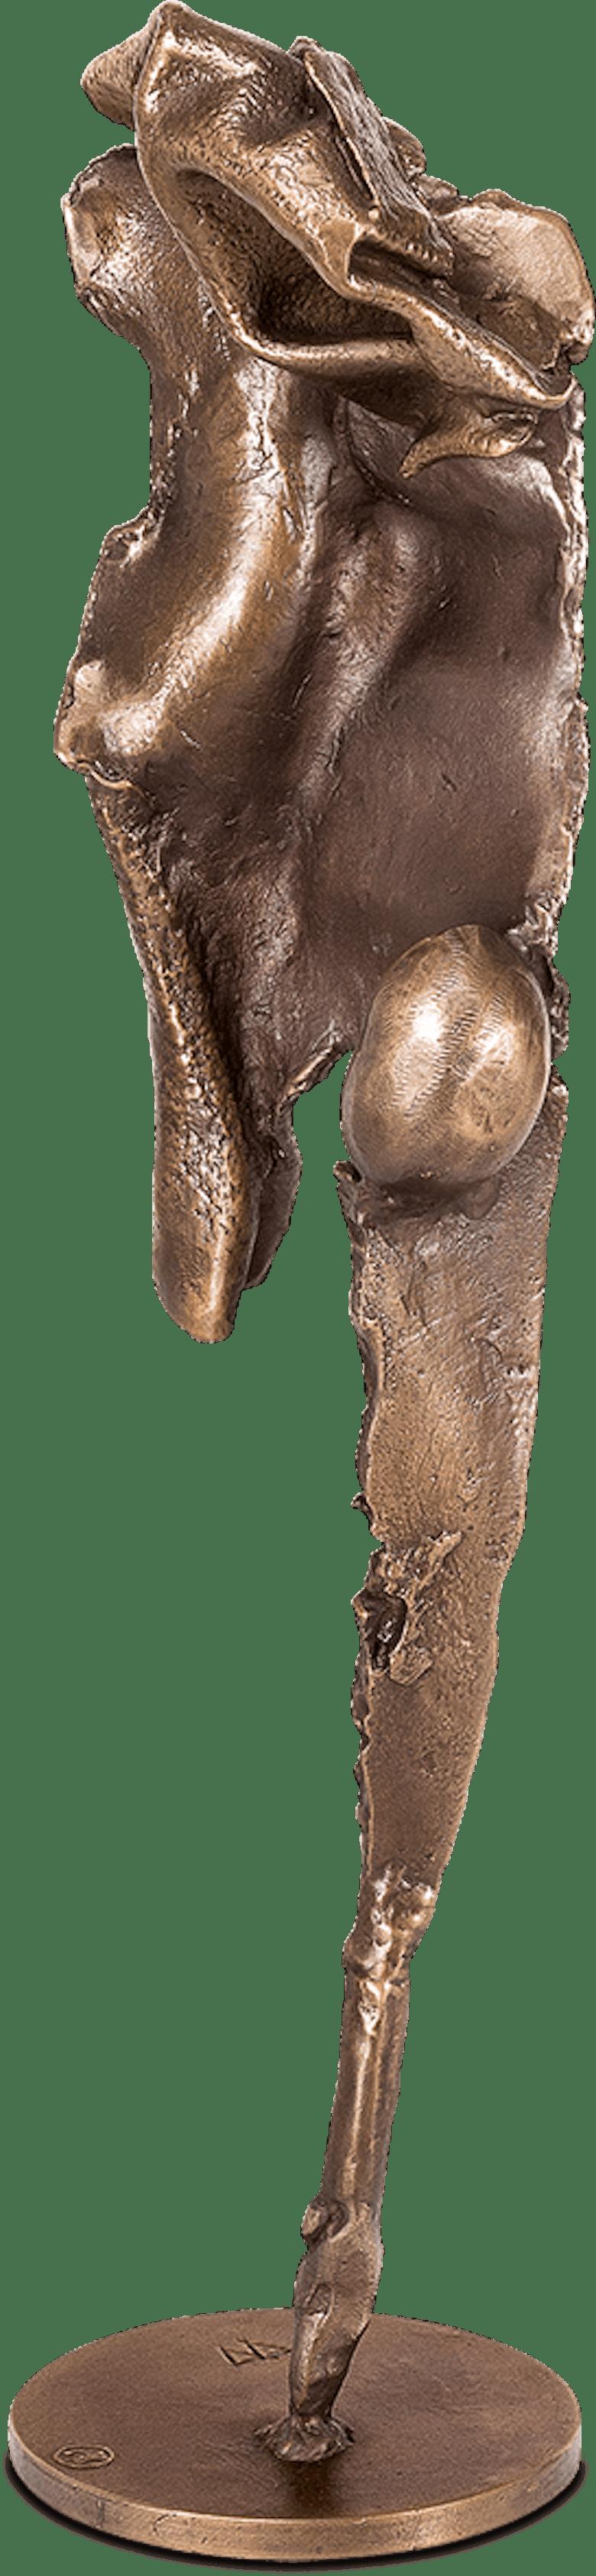 Bronzefigur Thersites von Ulrich Barnickel